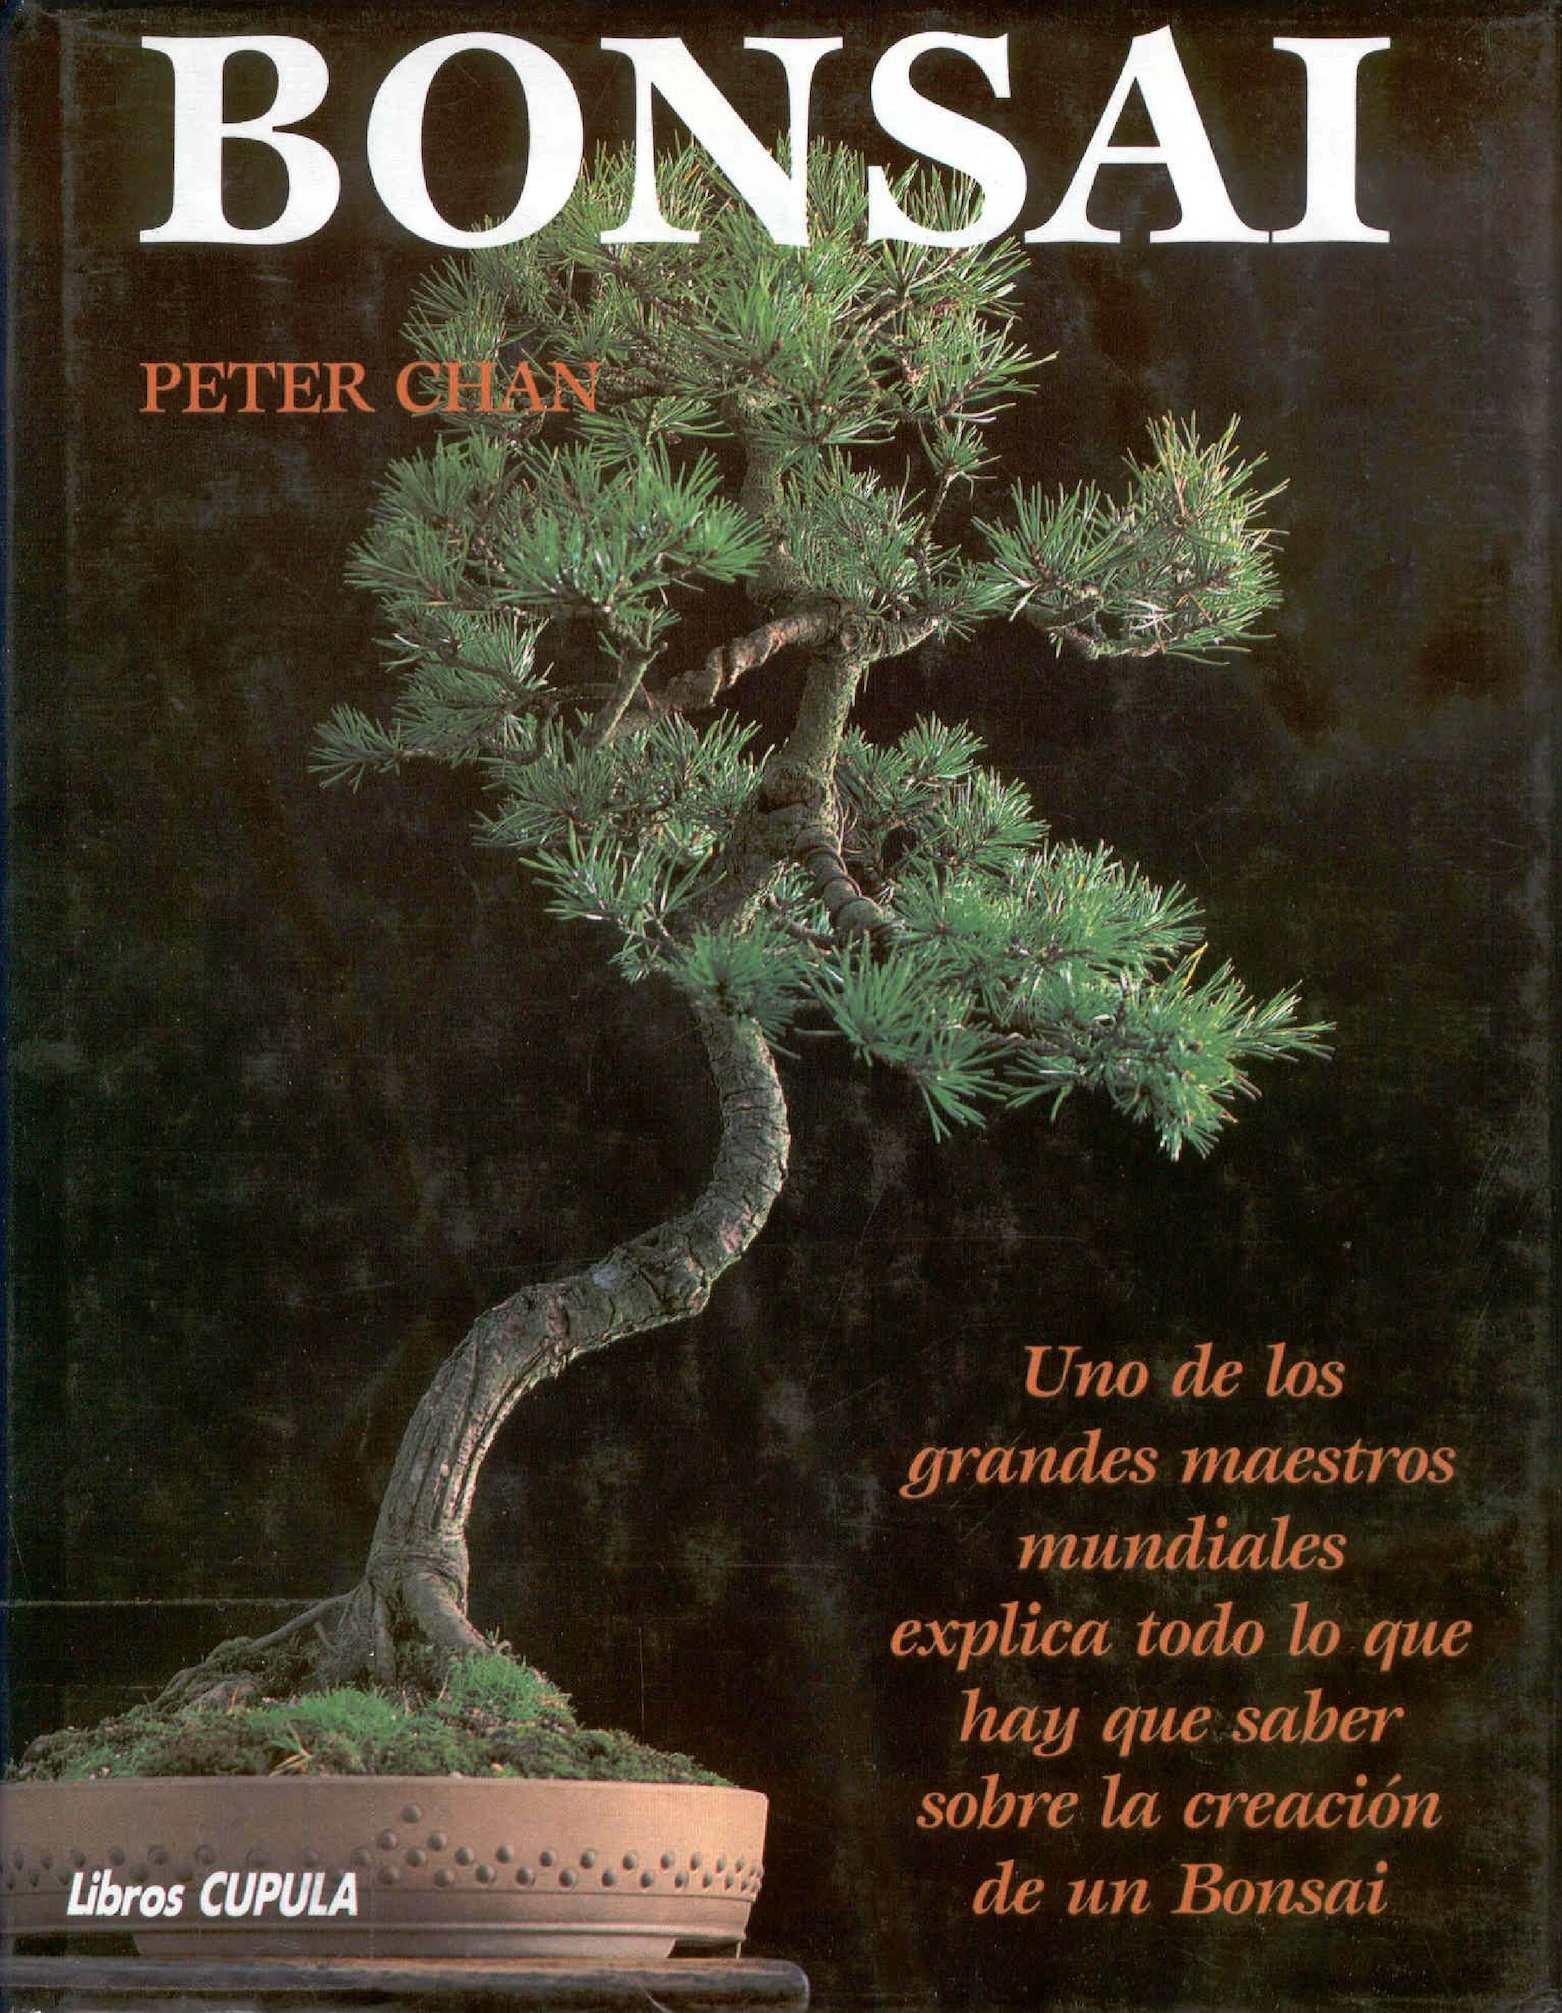 Bonsai Peter Chan Spanish Calameo Downloader